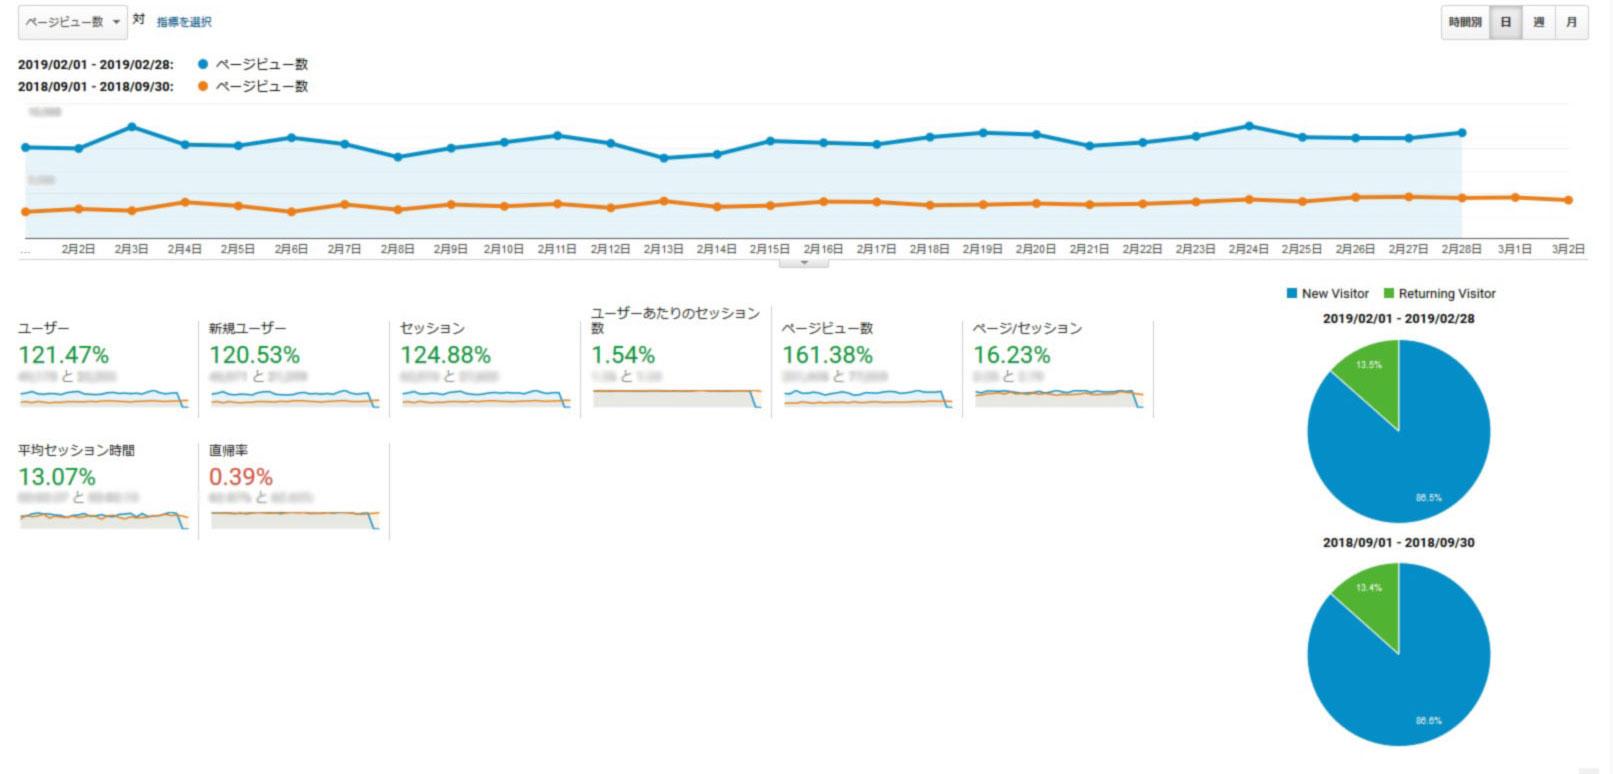 スクリーンショット:GAで分析すると半年で大幅にPVが向上